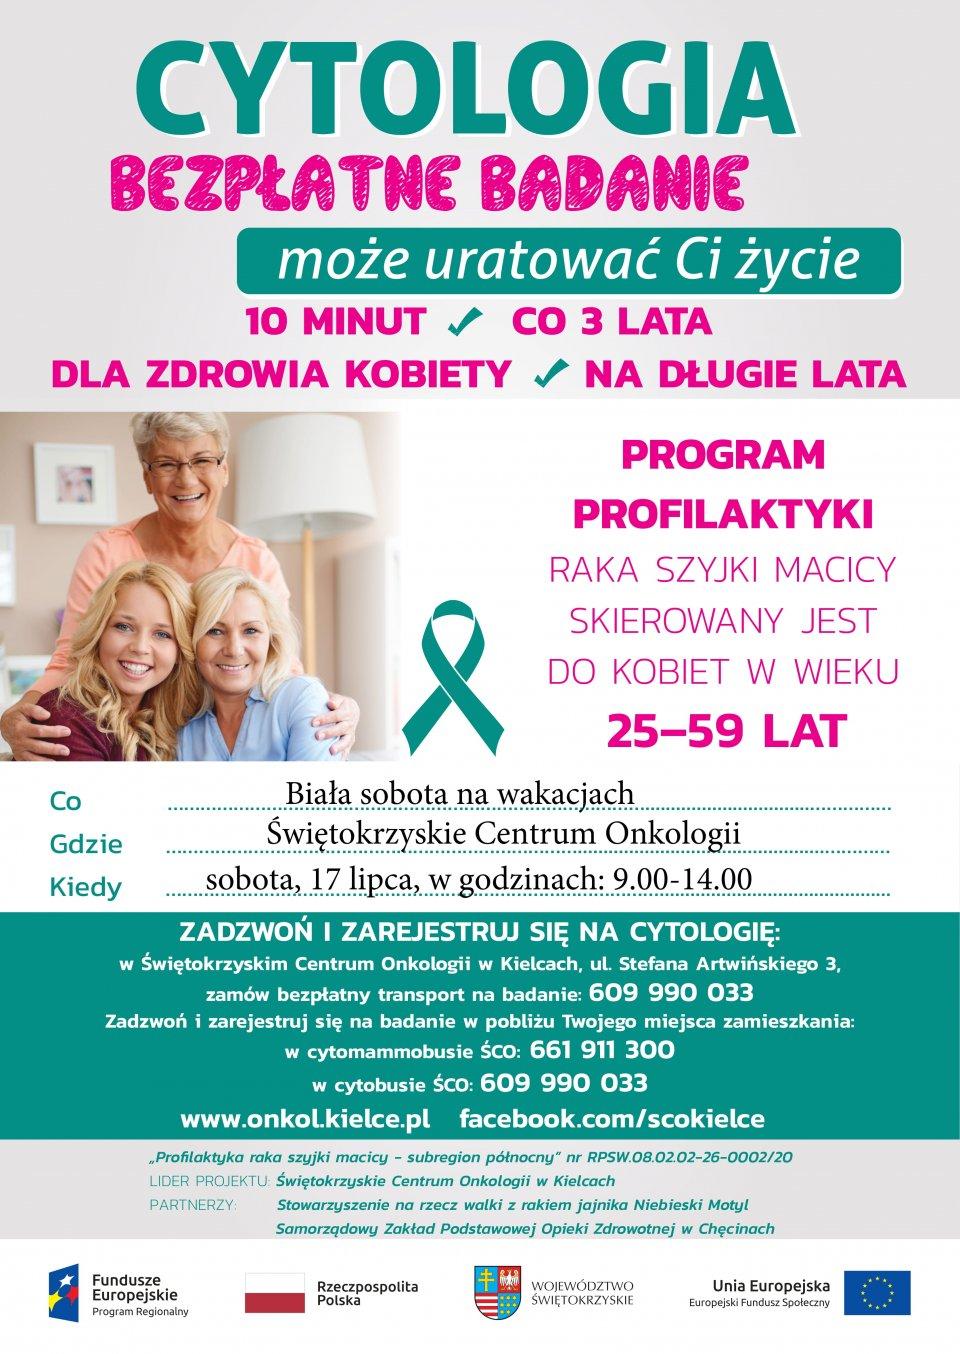 17 lipca w ŚCO - Biała sobota – zadbaj o zdrowie na wakacjach